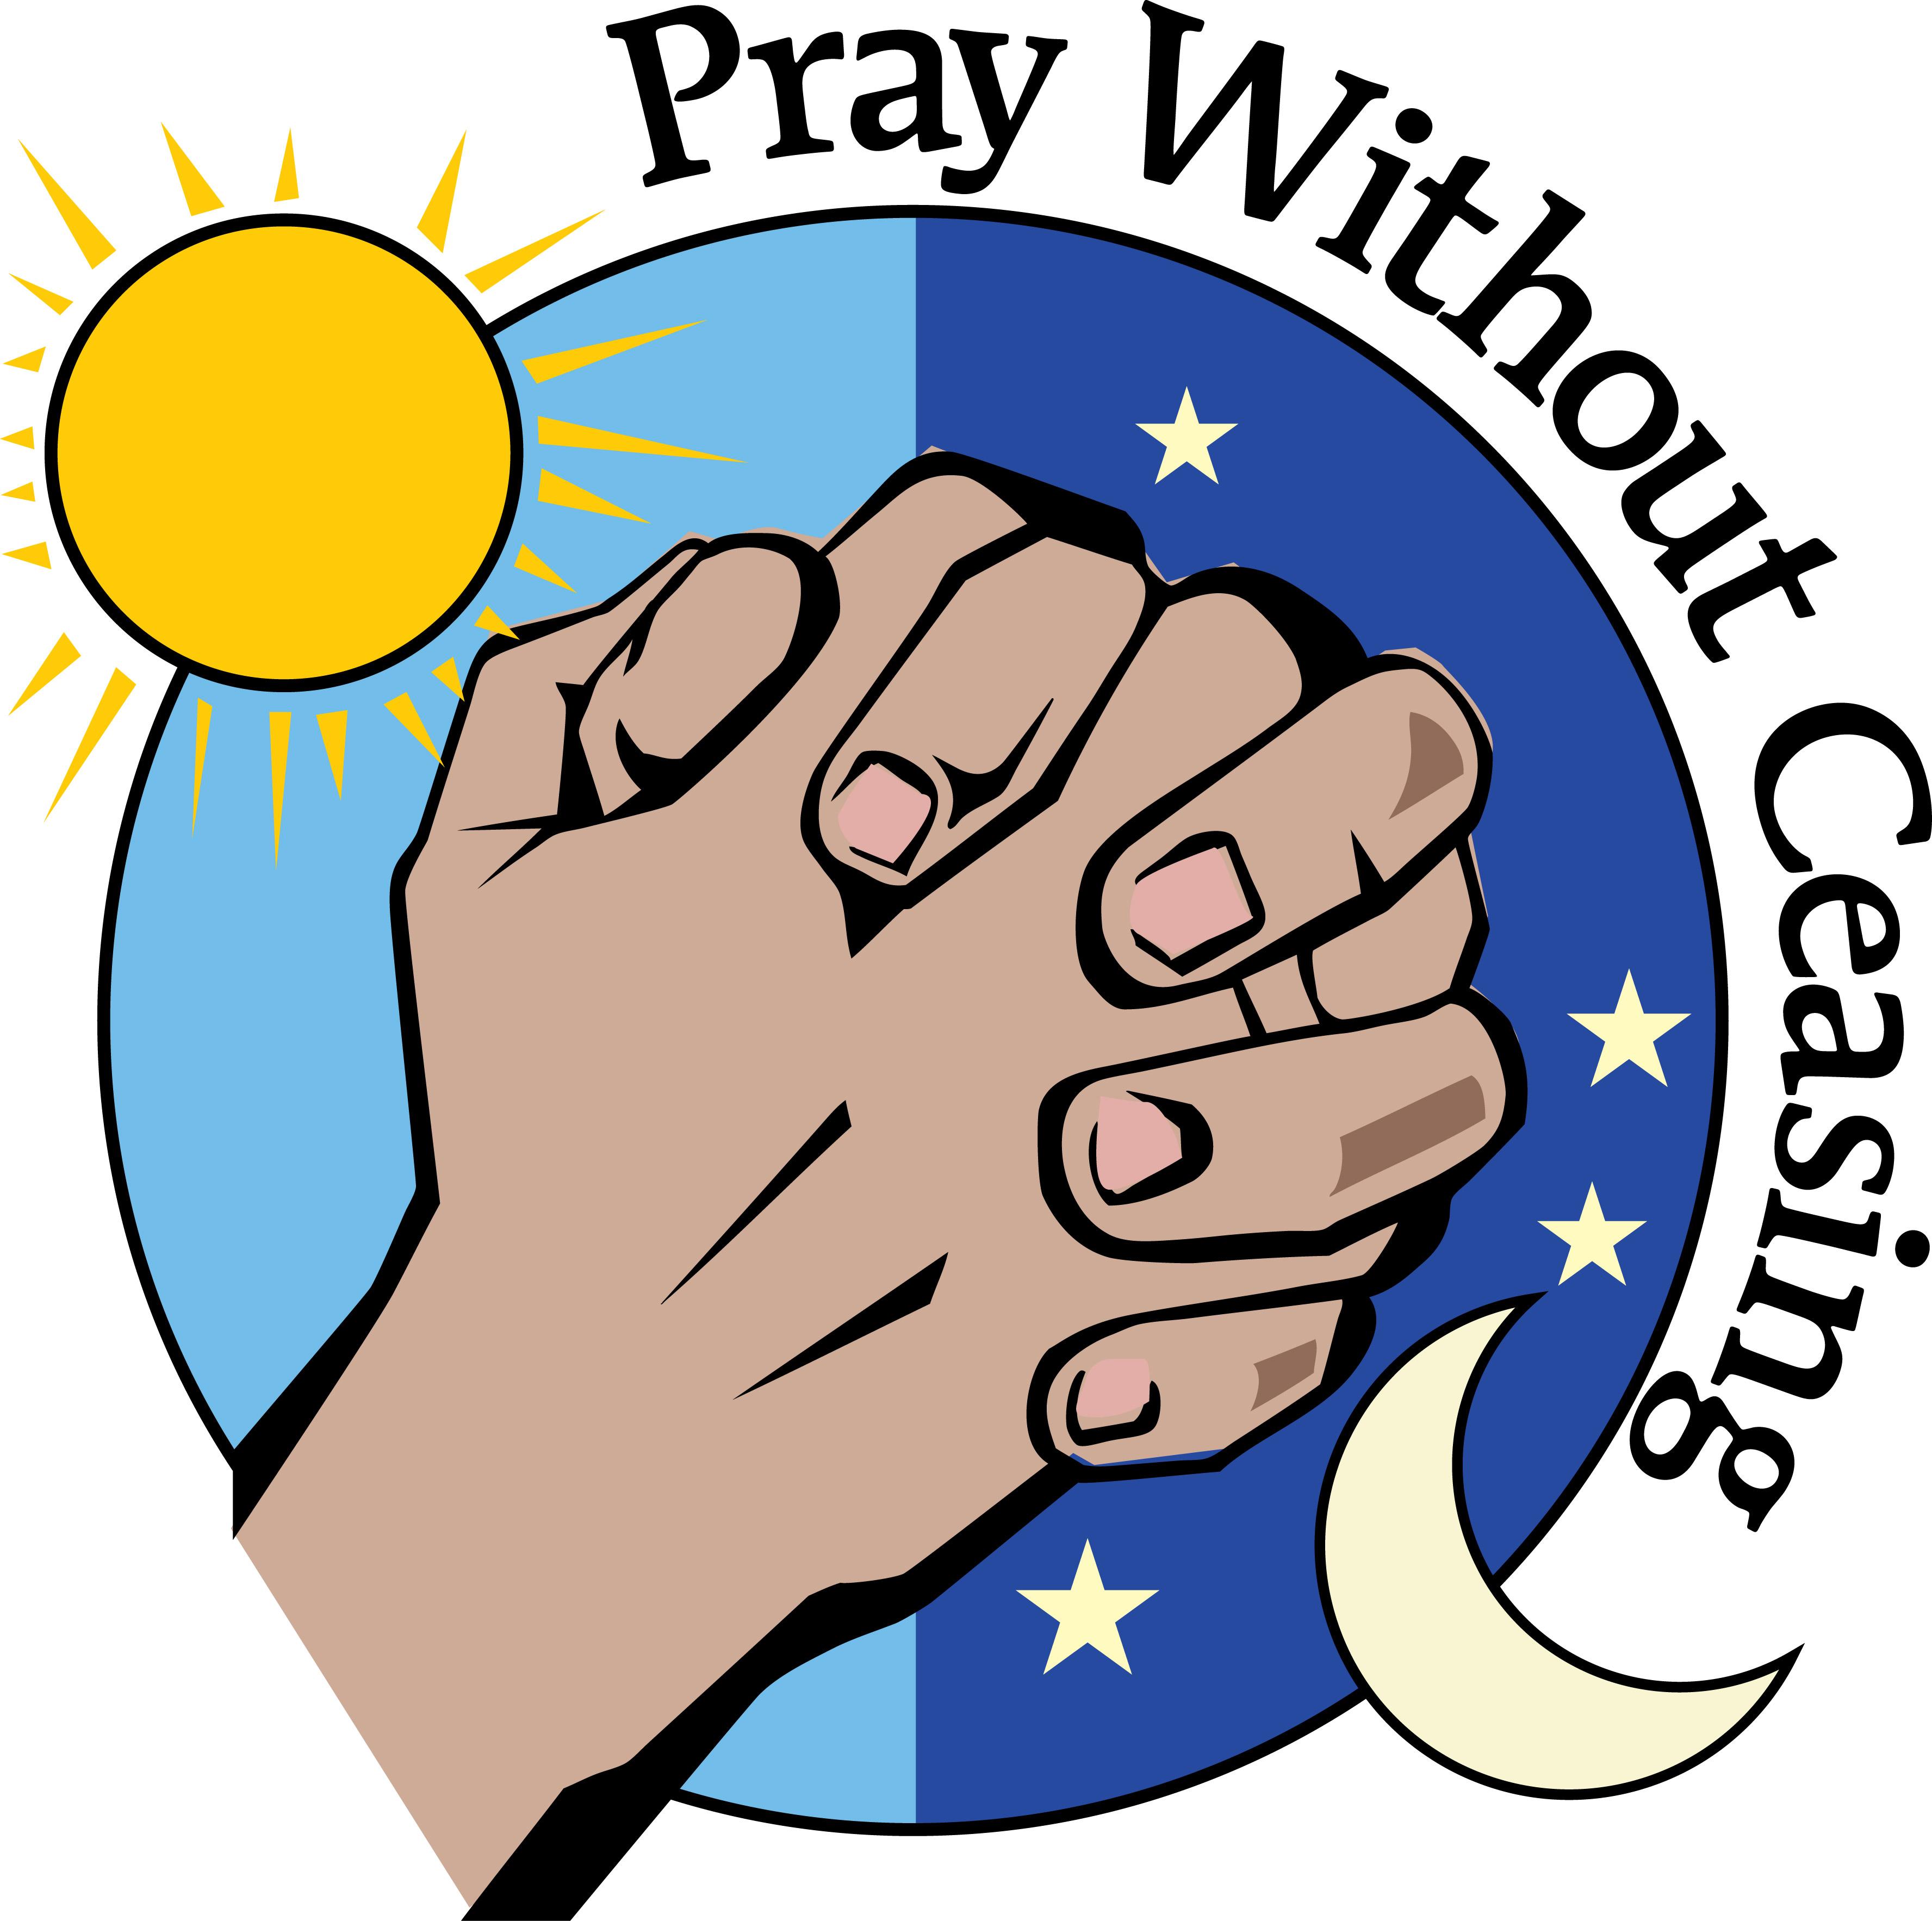 family prayer images